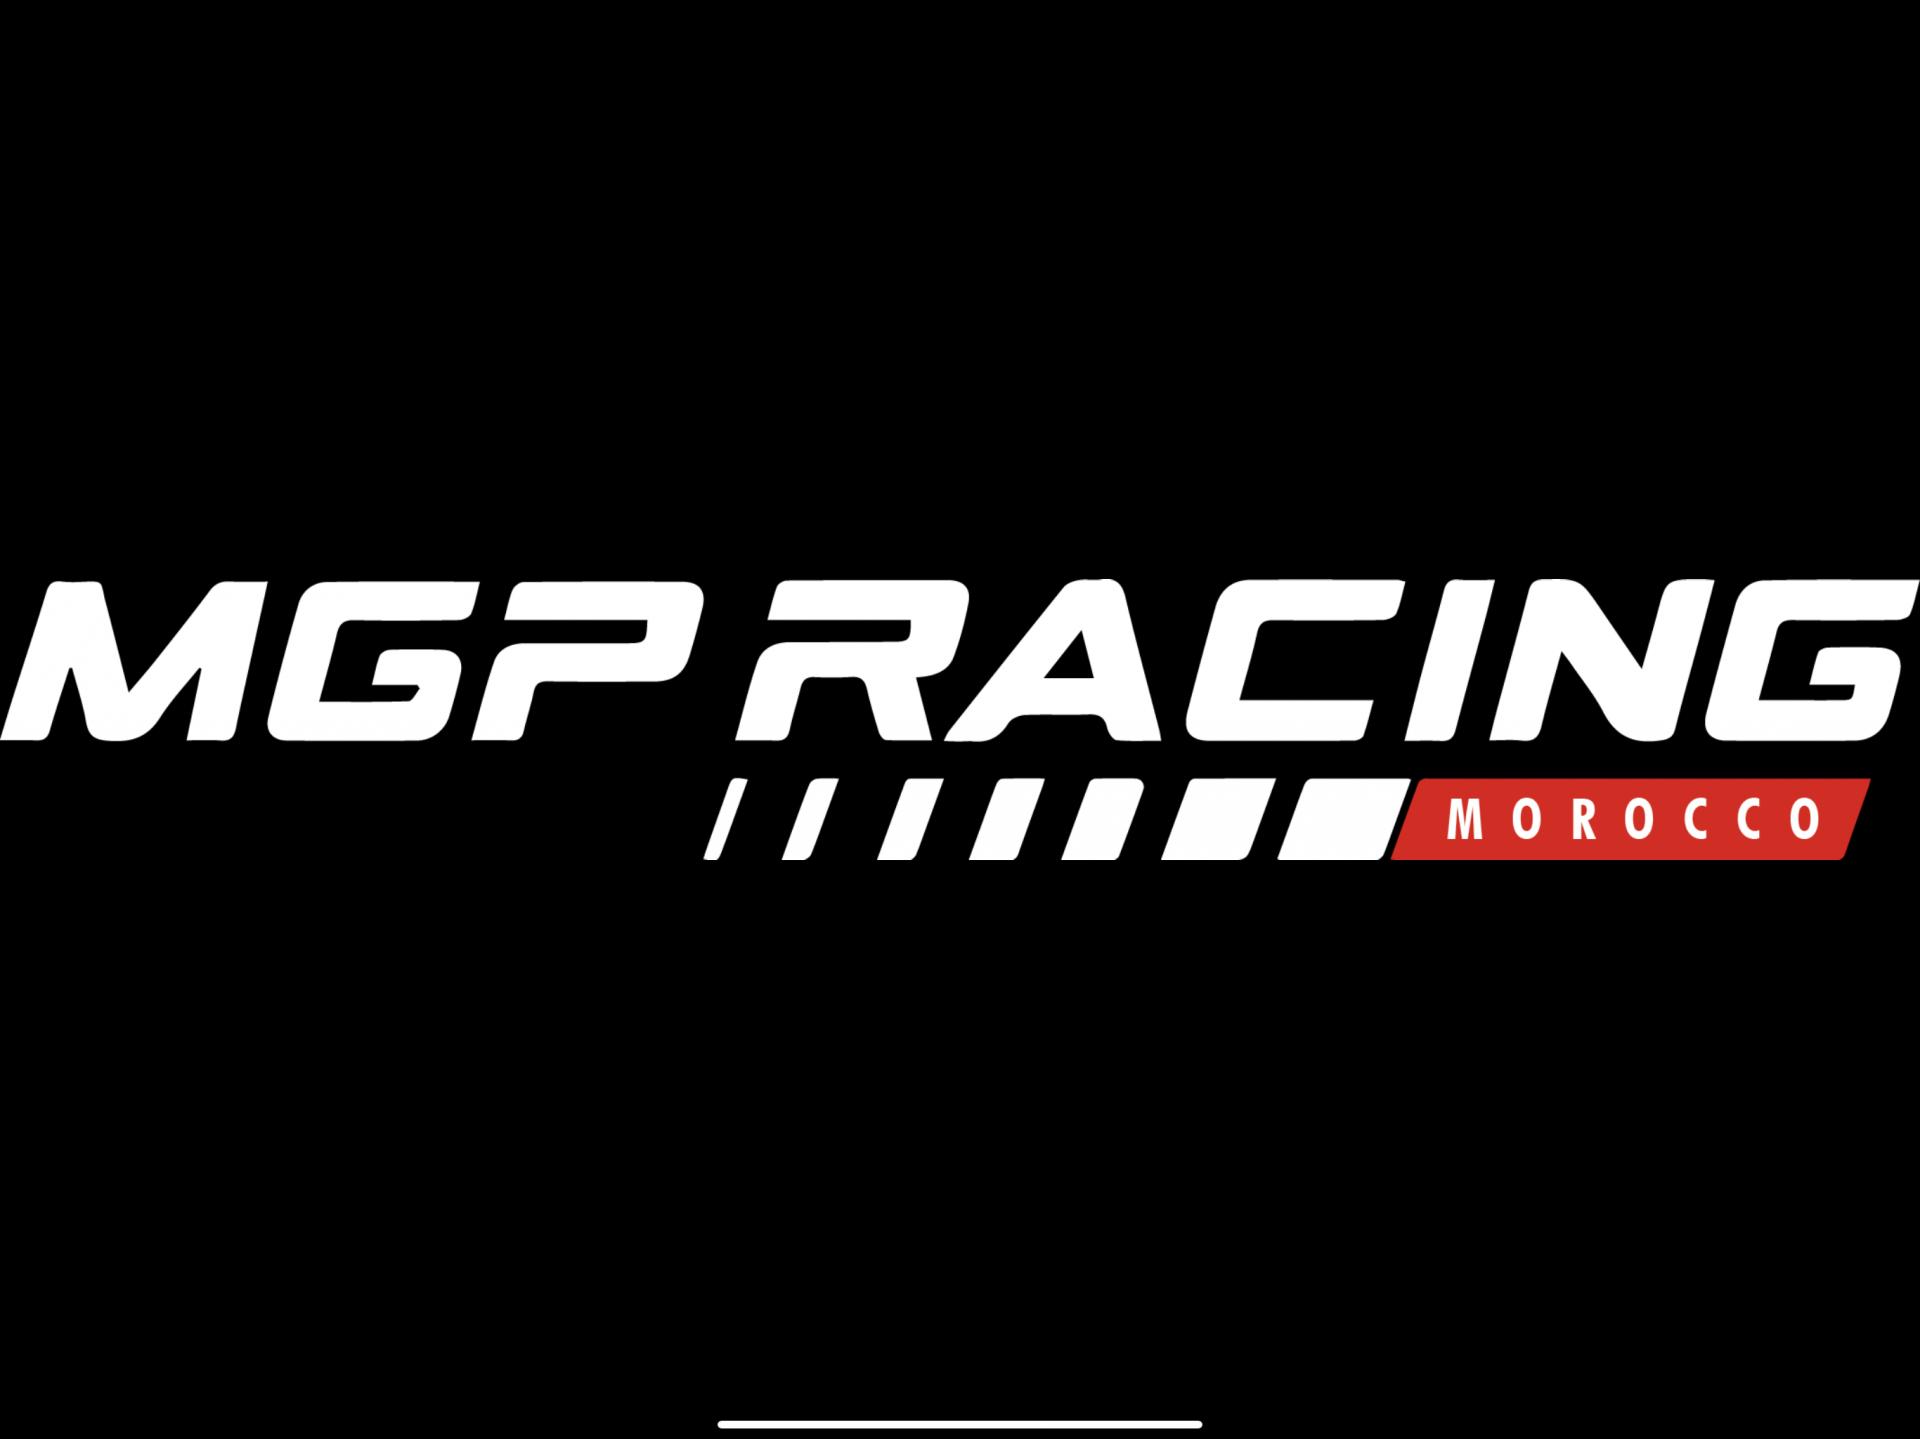 MGP RACING Morocco logo